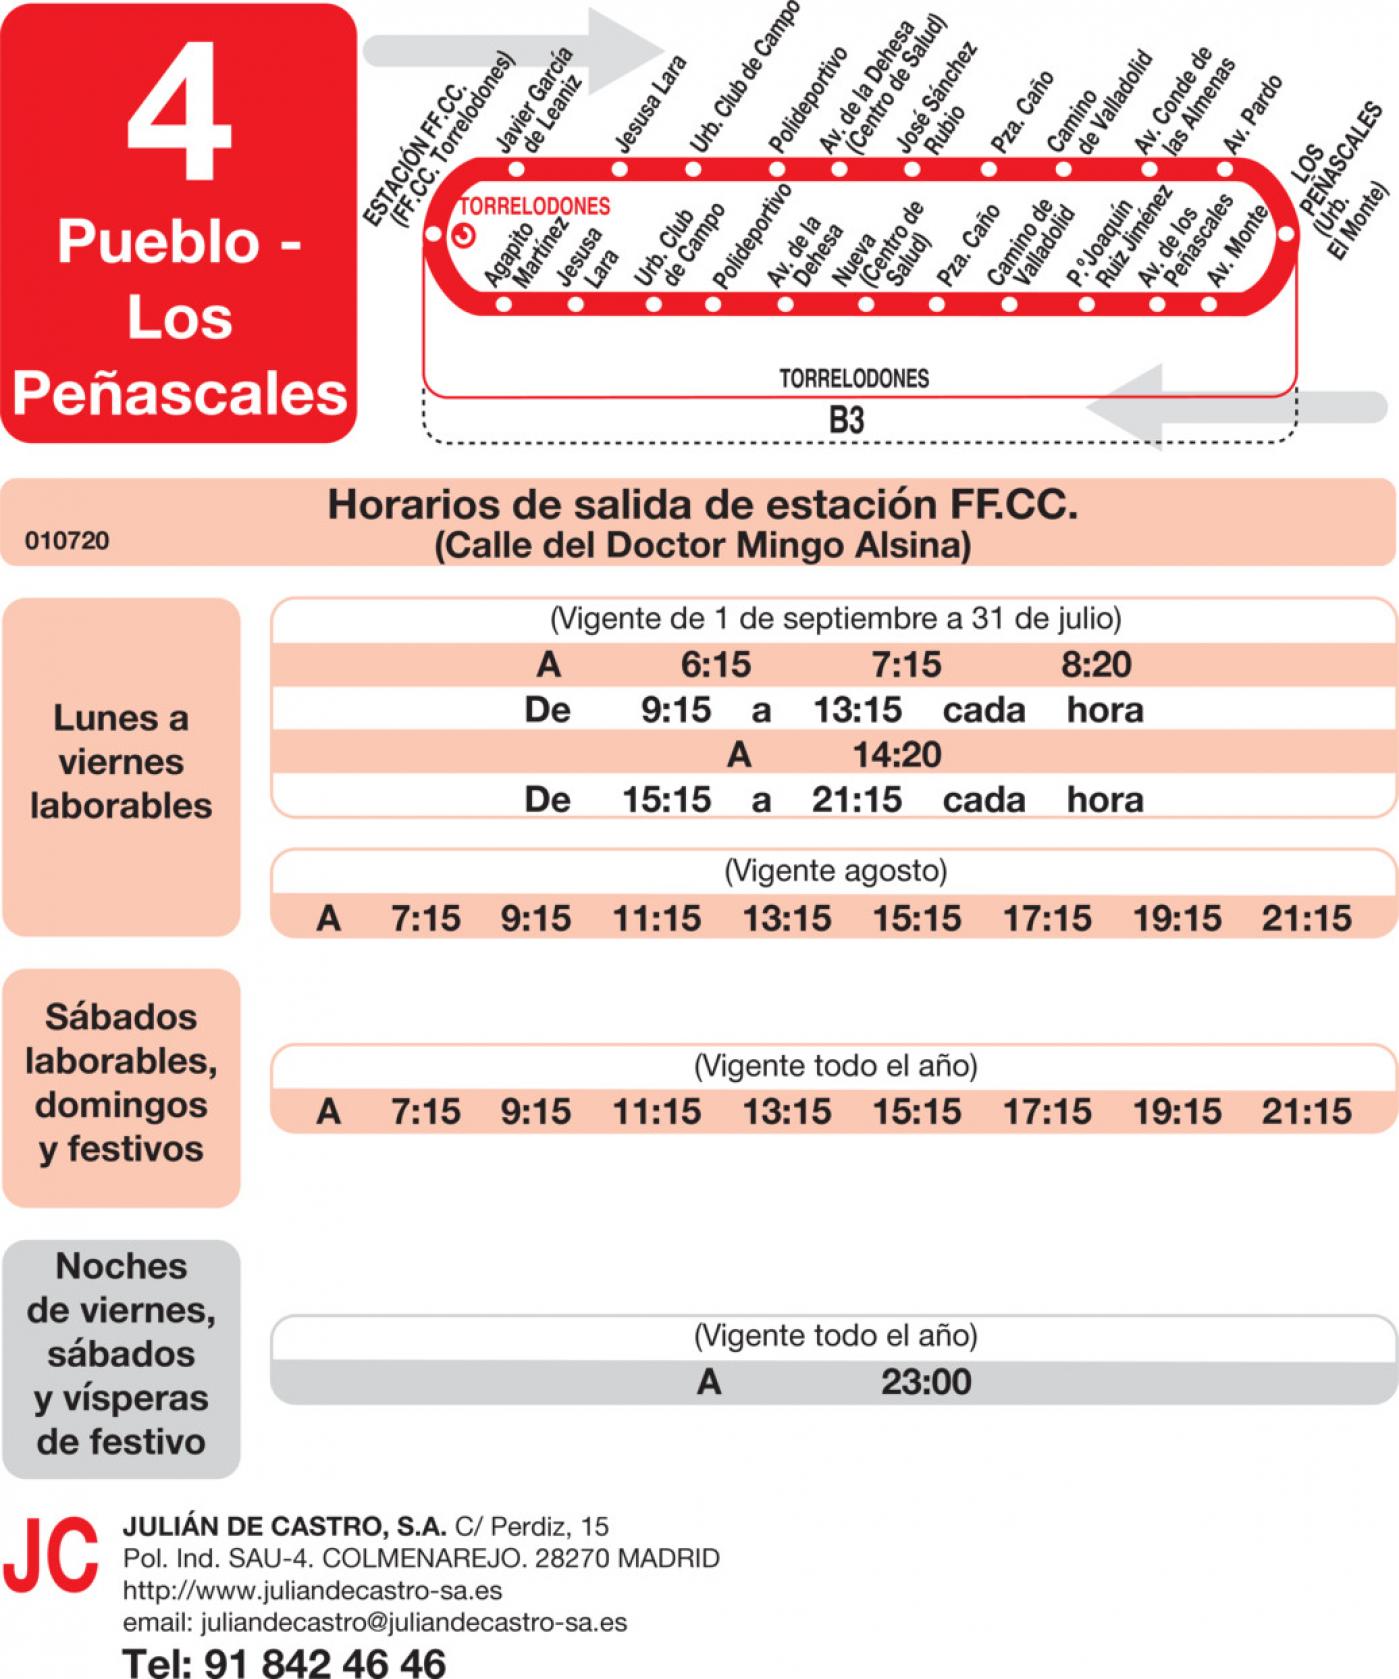 Tabla de horarios y frecuencias de paso en sentido ida Línea L-4 Torrelodones: Estación Cercanías RENFE - Colonia - Pueblo - Los Peñascales